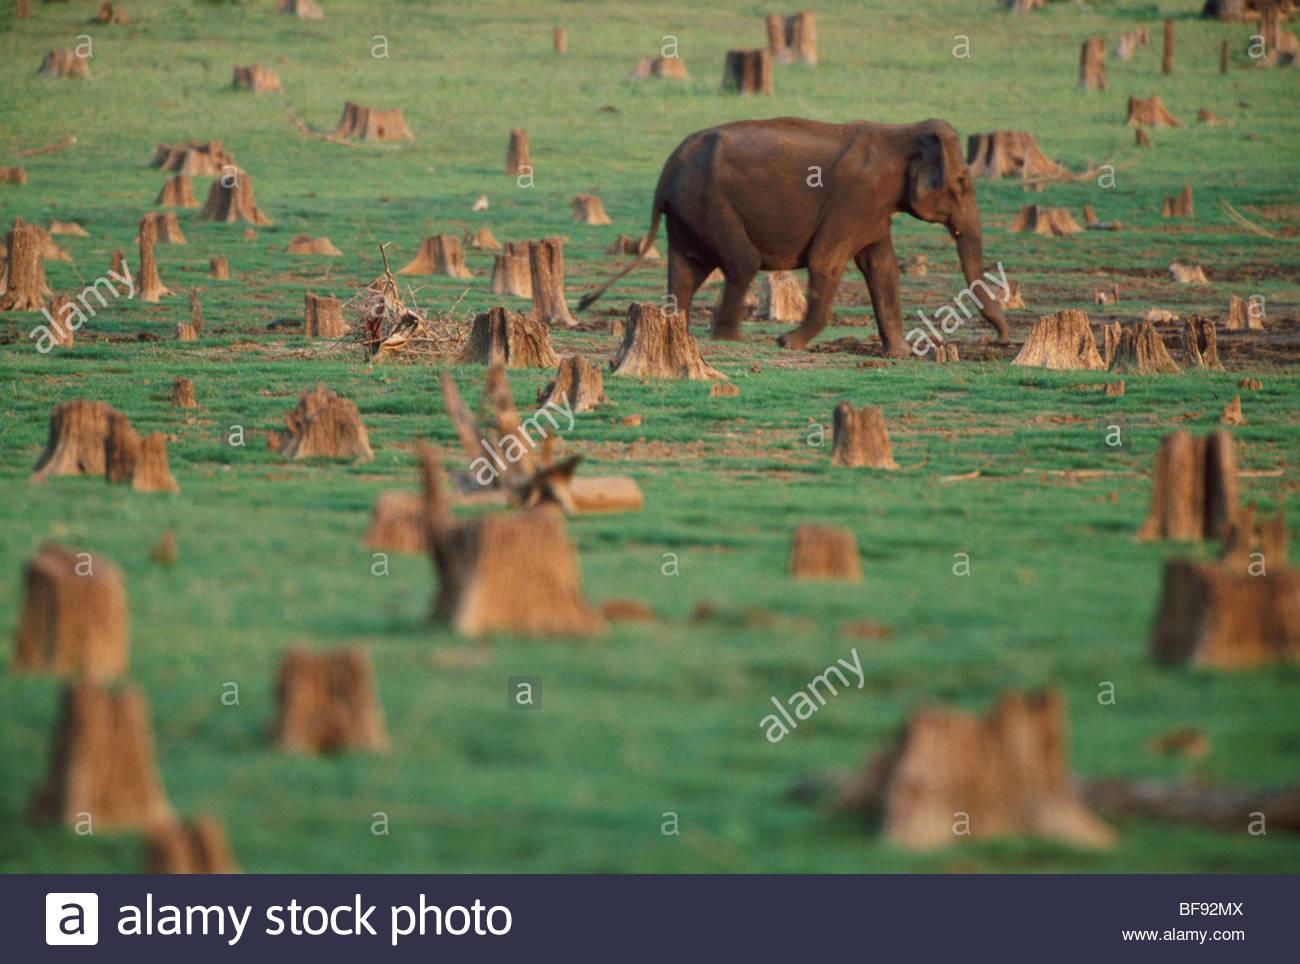 Asiatic elephant foraging on lakeshore amid tree stumps, Elephas maximus, Nagarahole National Park, Western Ghats, - Stock Image